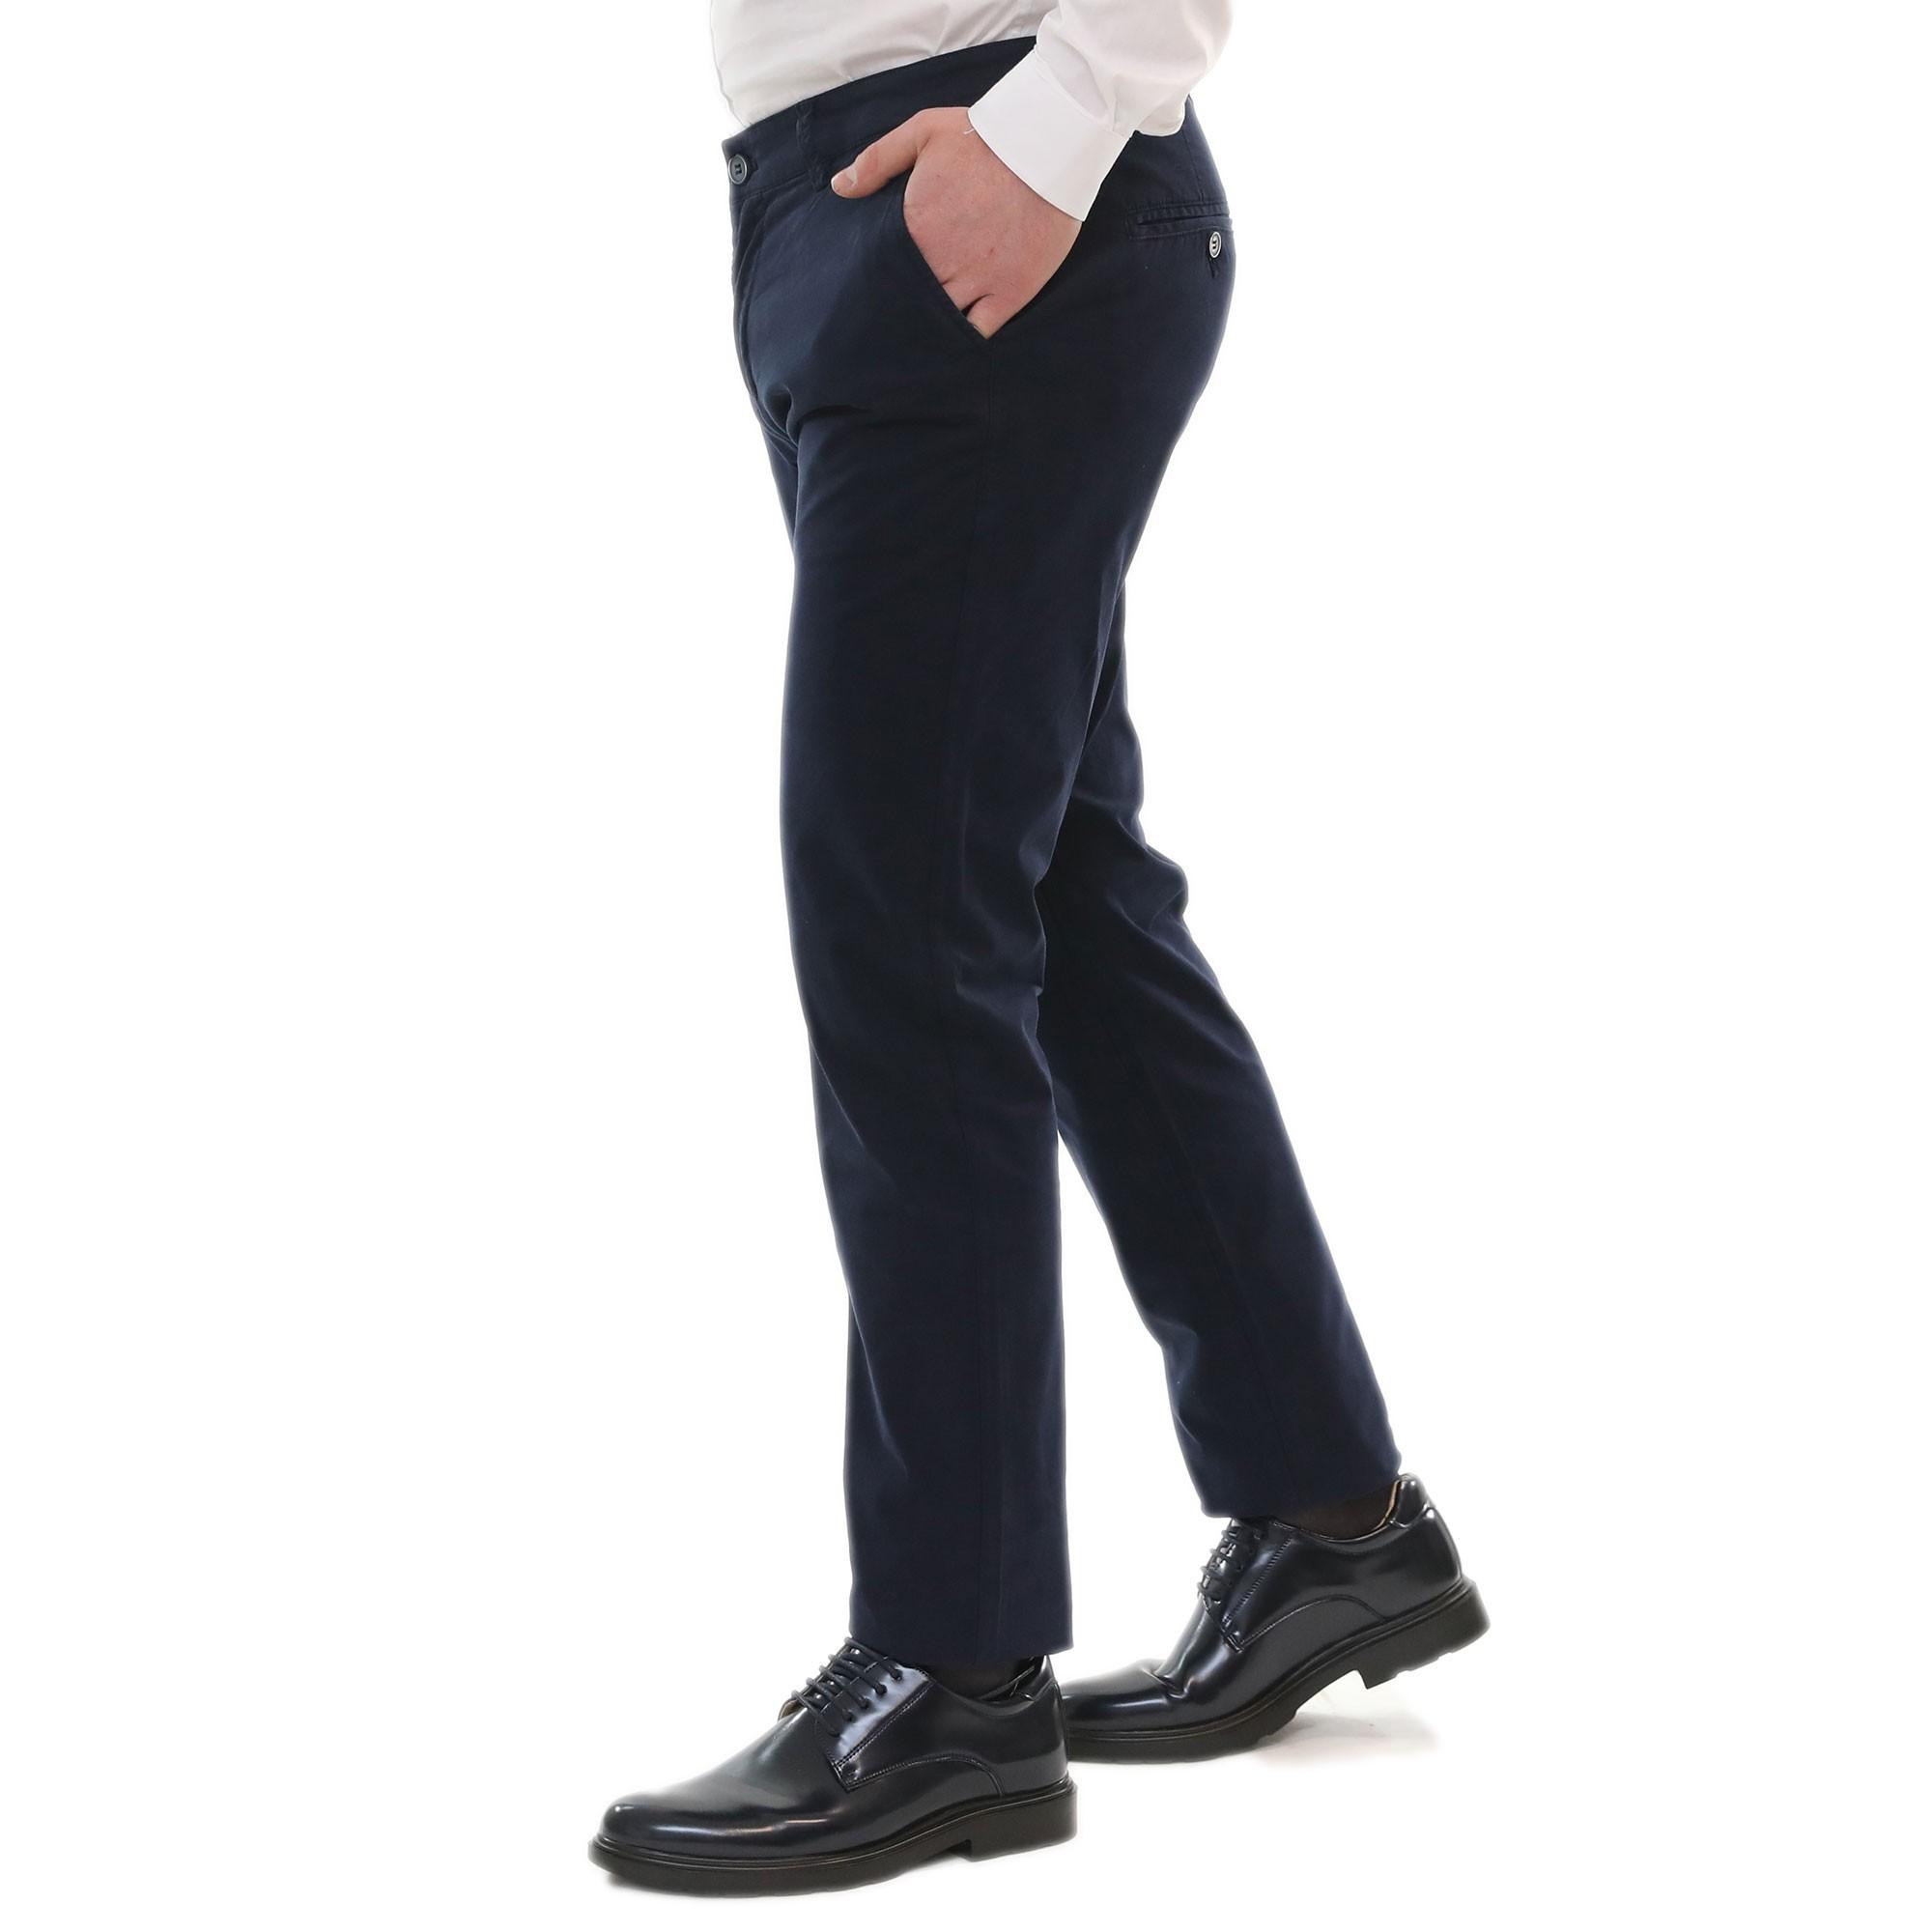 Pantalone-Uomo-Estivo-Cotone-Leggero-Chino-Slim-Fit-Elegante-Tasche-America miniatura 4